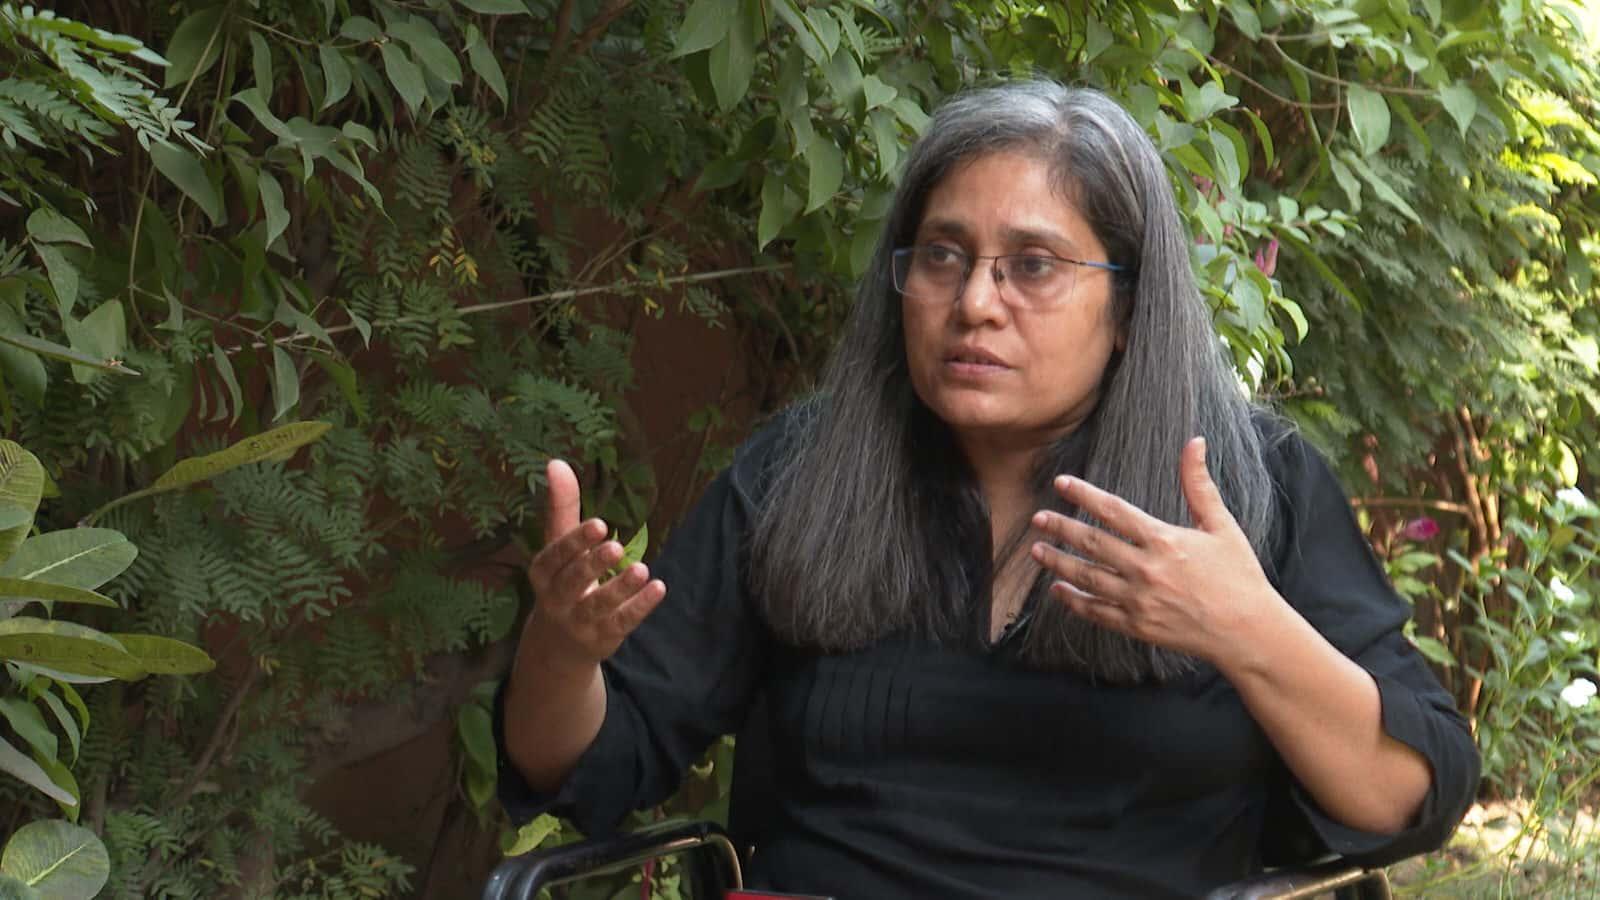 印度版 #MeToo:逾 30 名惡狼現形,性騷擾名單持續增加中,這波運動對印度女權的意義何在?